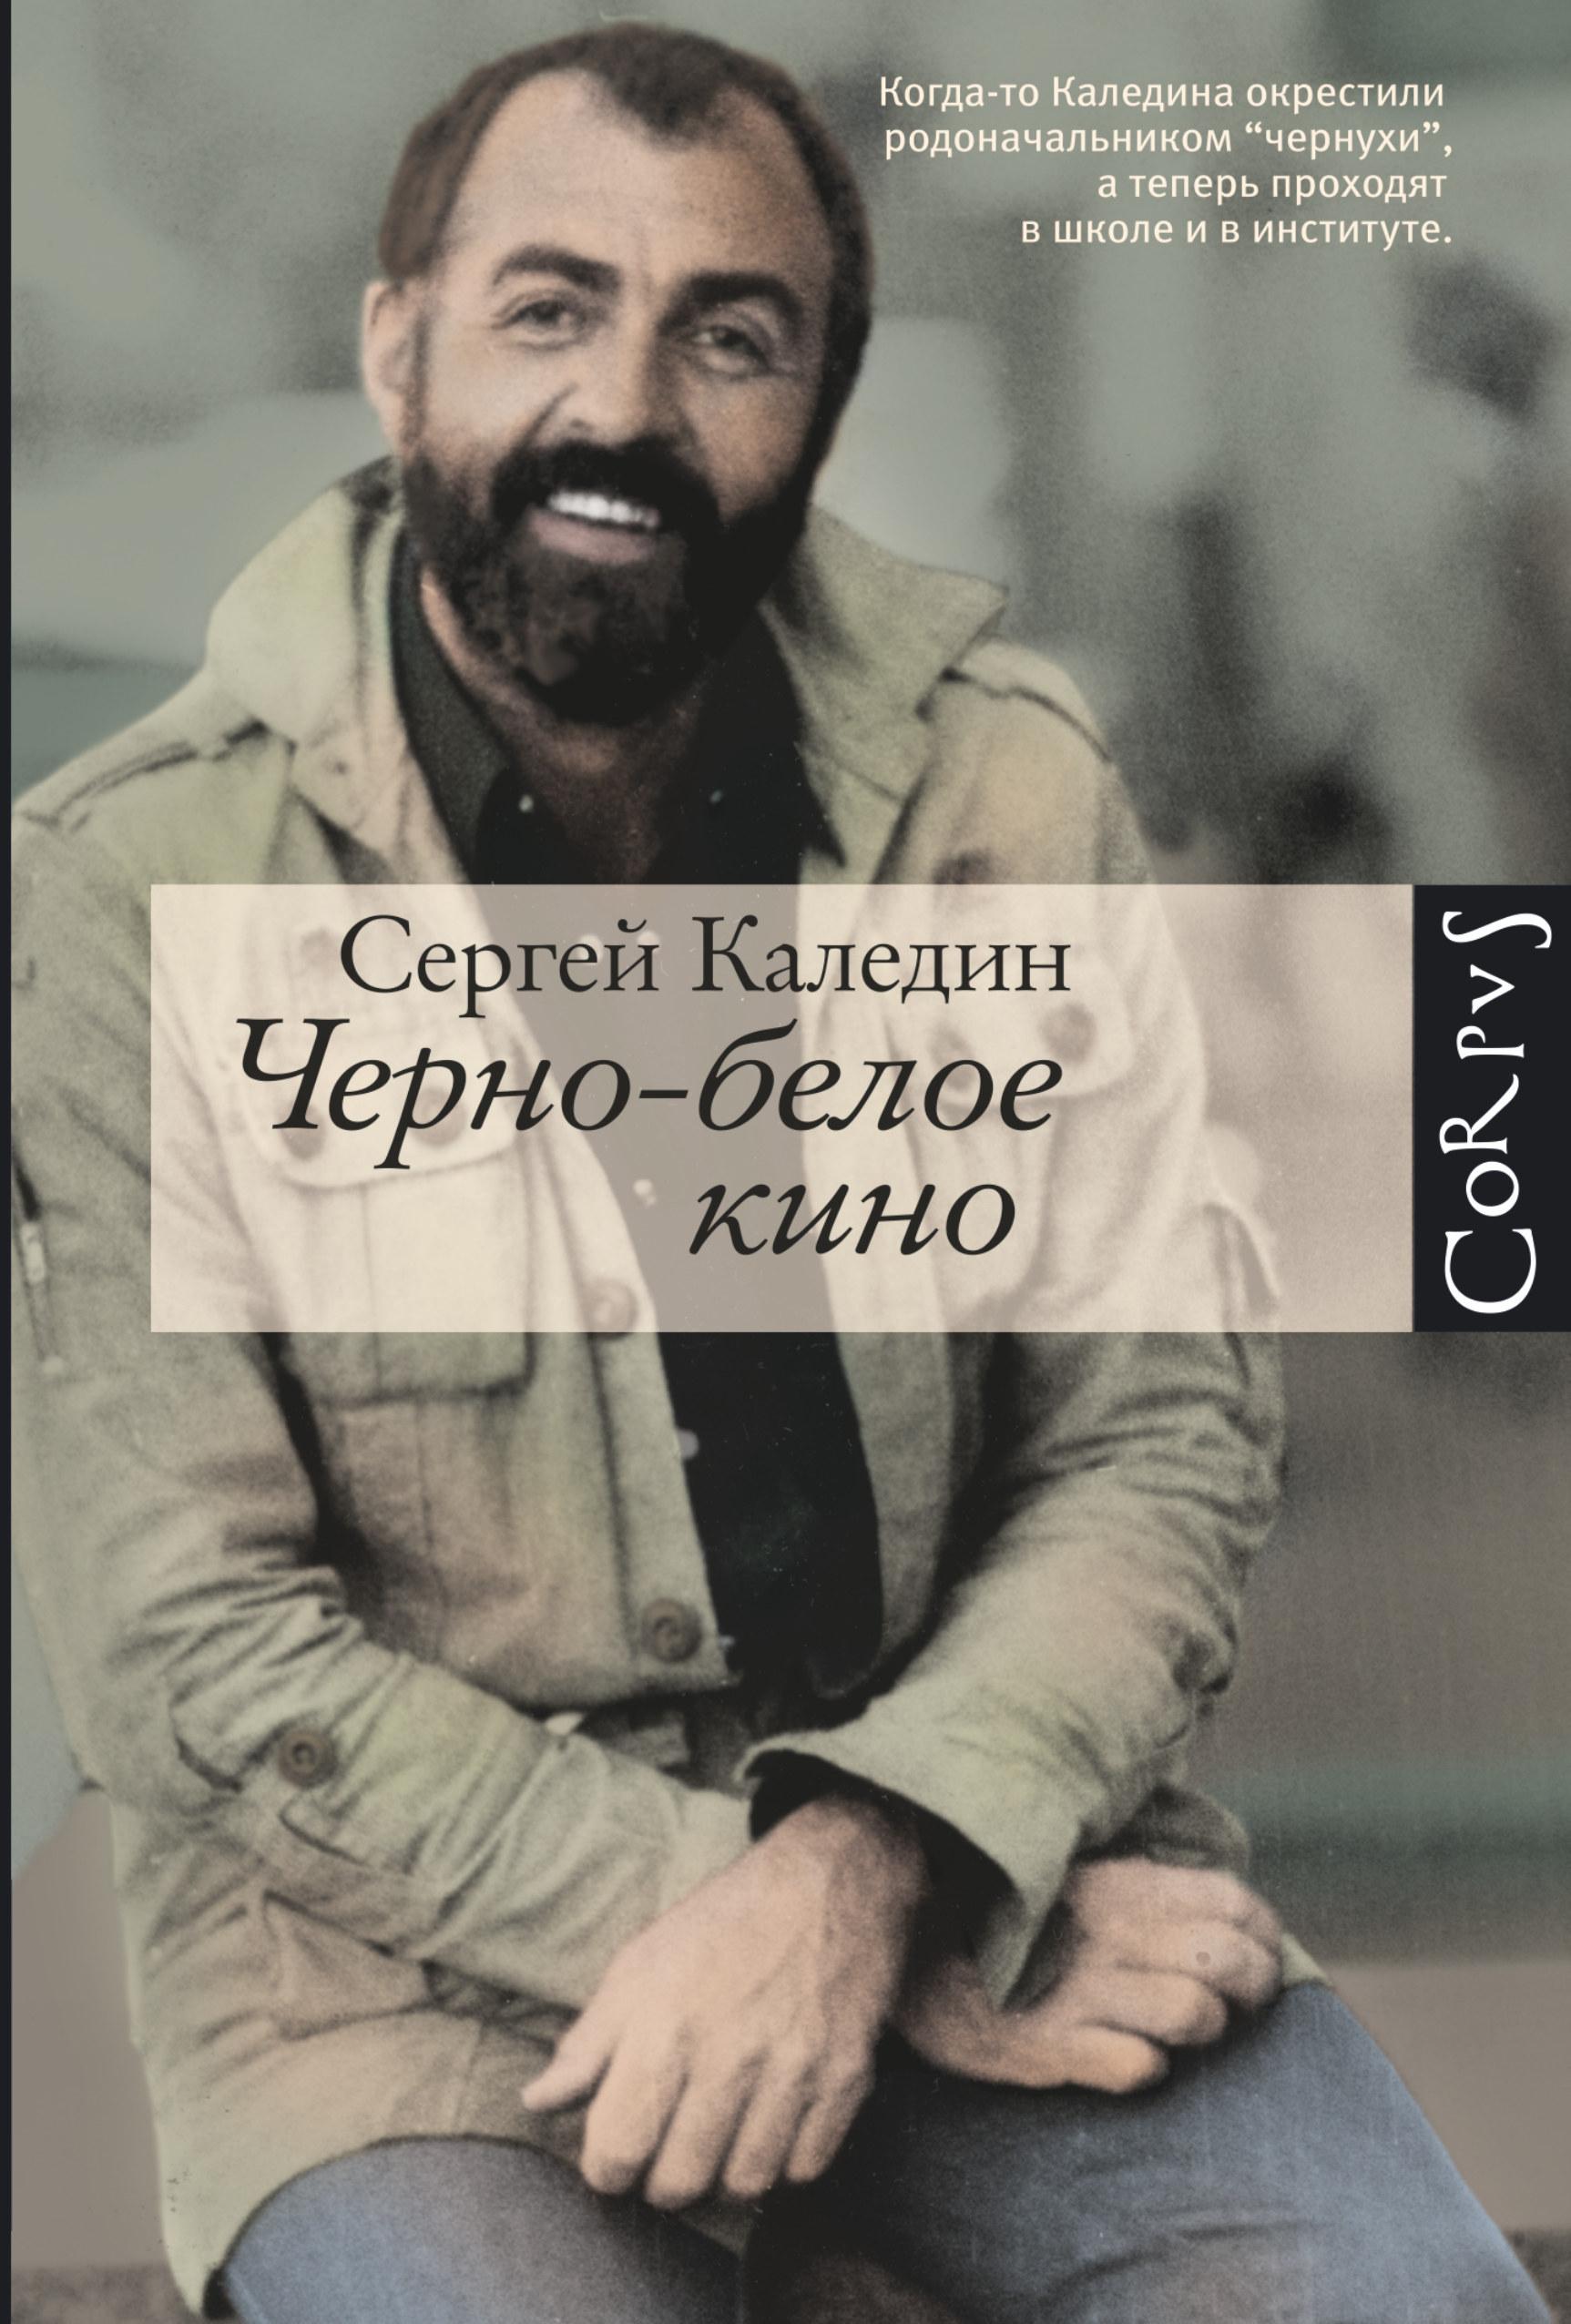 Сергей Каледин Черно-белое кино